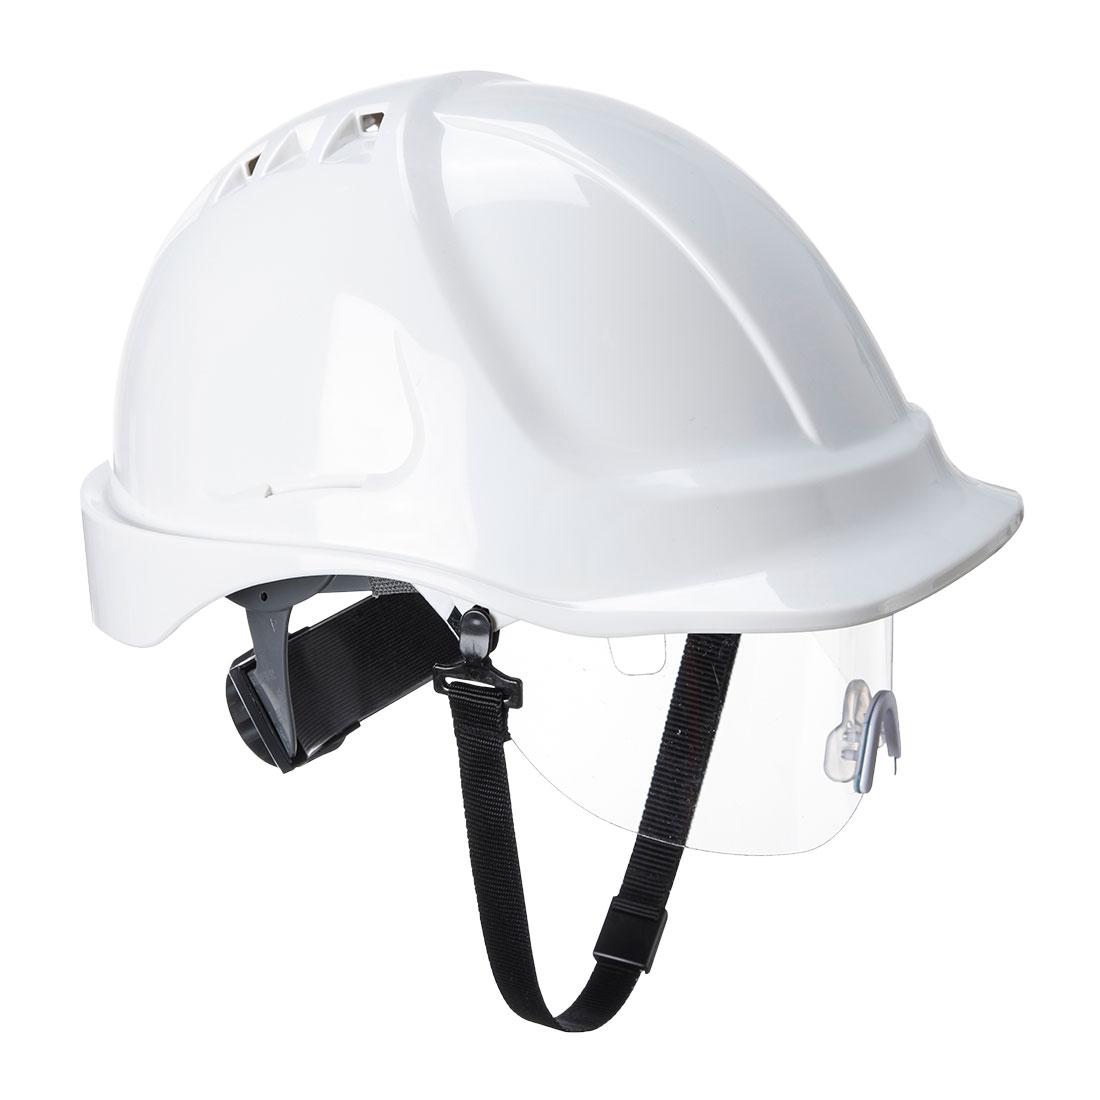 Endurance Spec Visor Helmet White